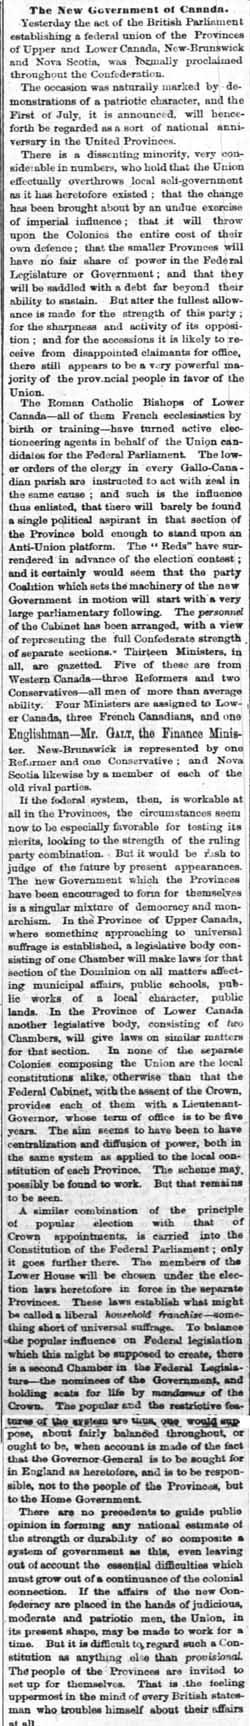 ny times 1867-07-02 editorial 250